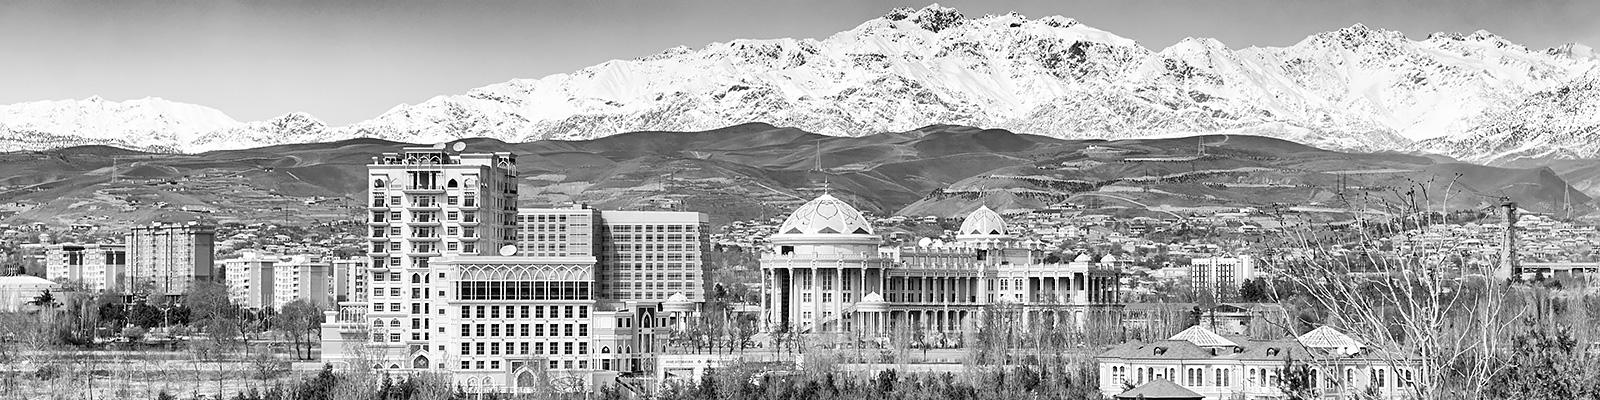 タジキスタン ドゥシャンベ 景観 イメージ